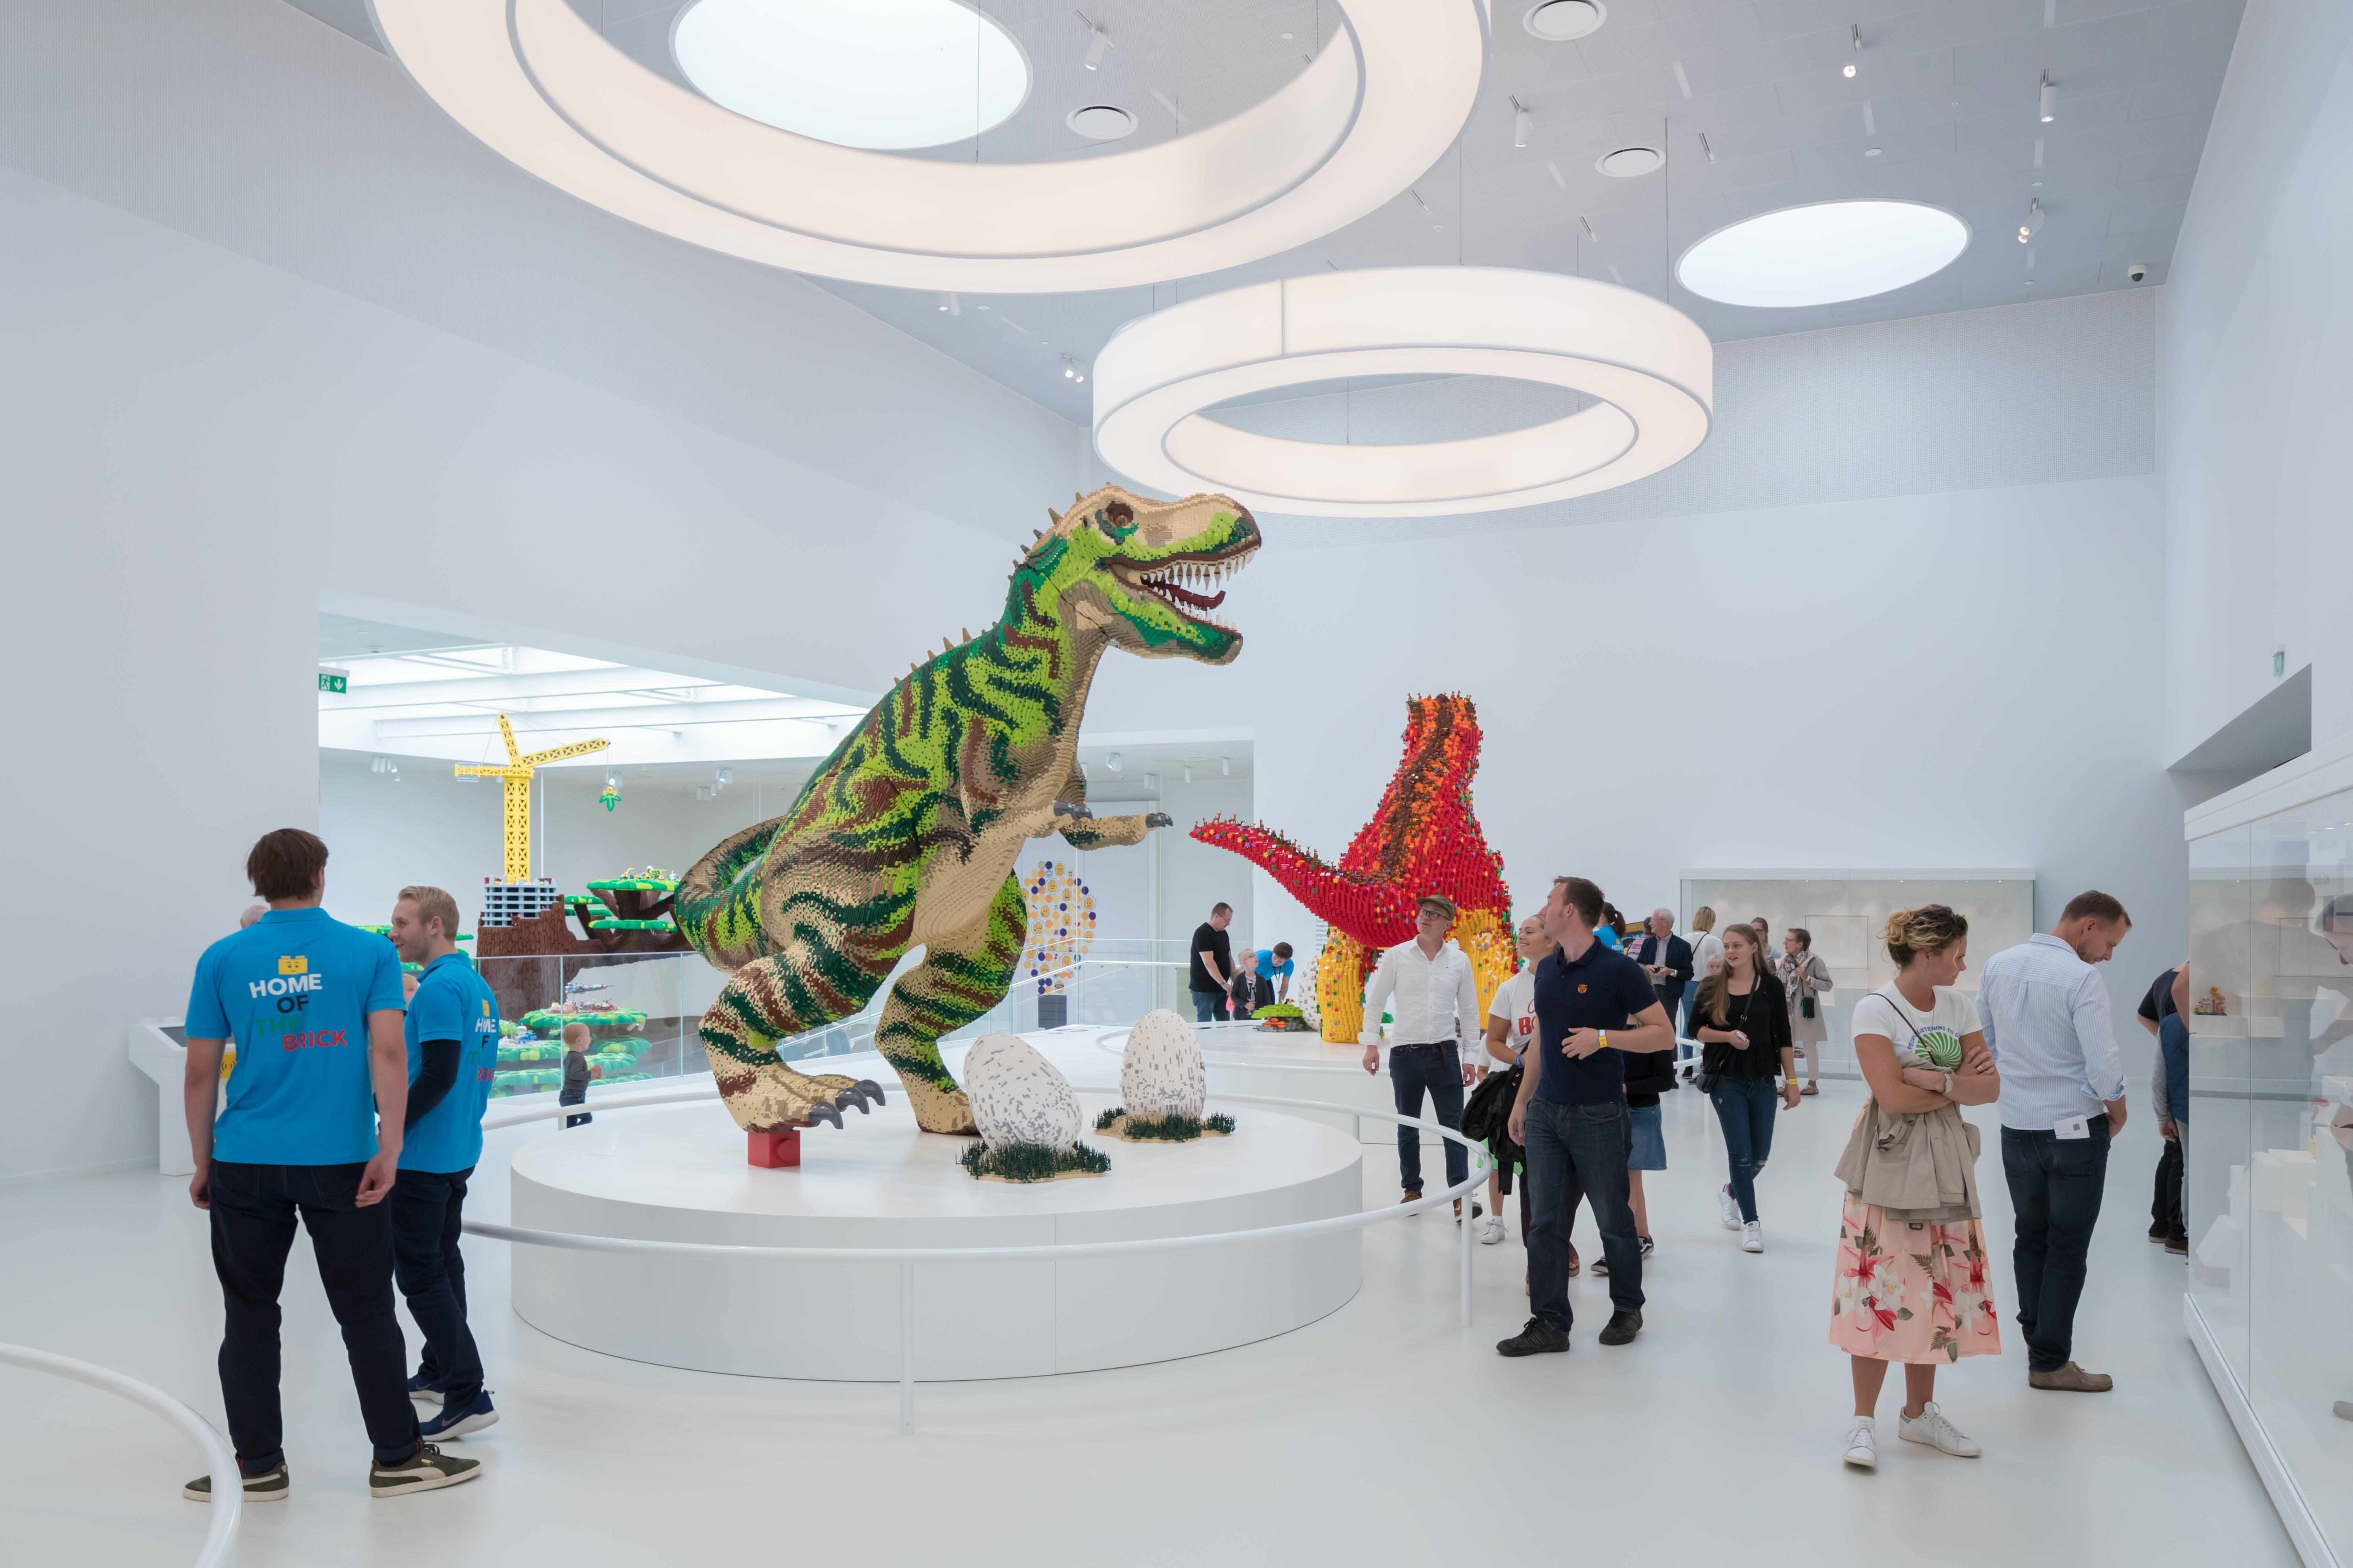 Lego house billund åbning arkitekt skultur